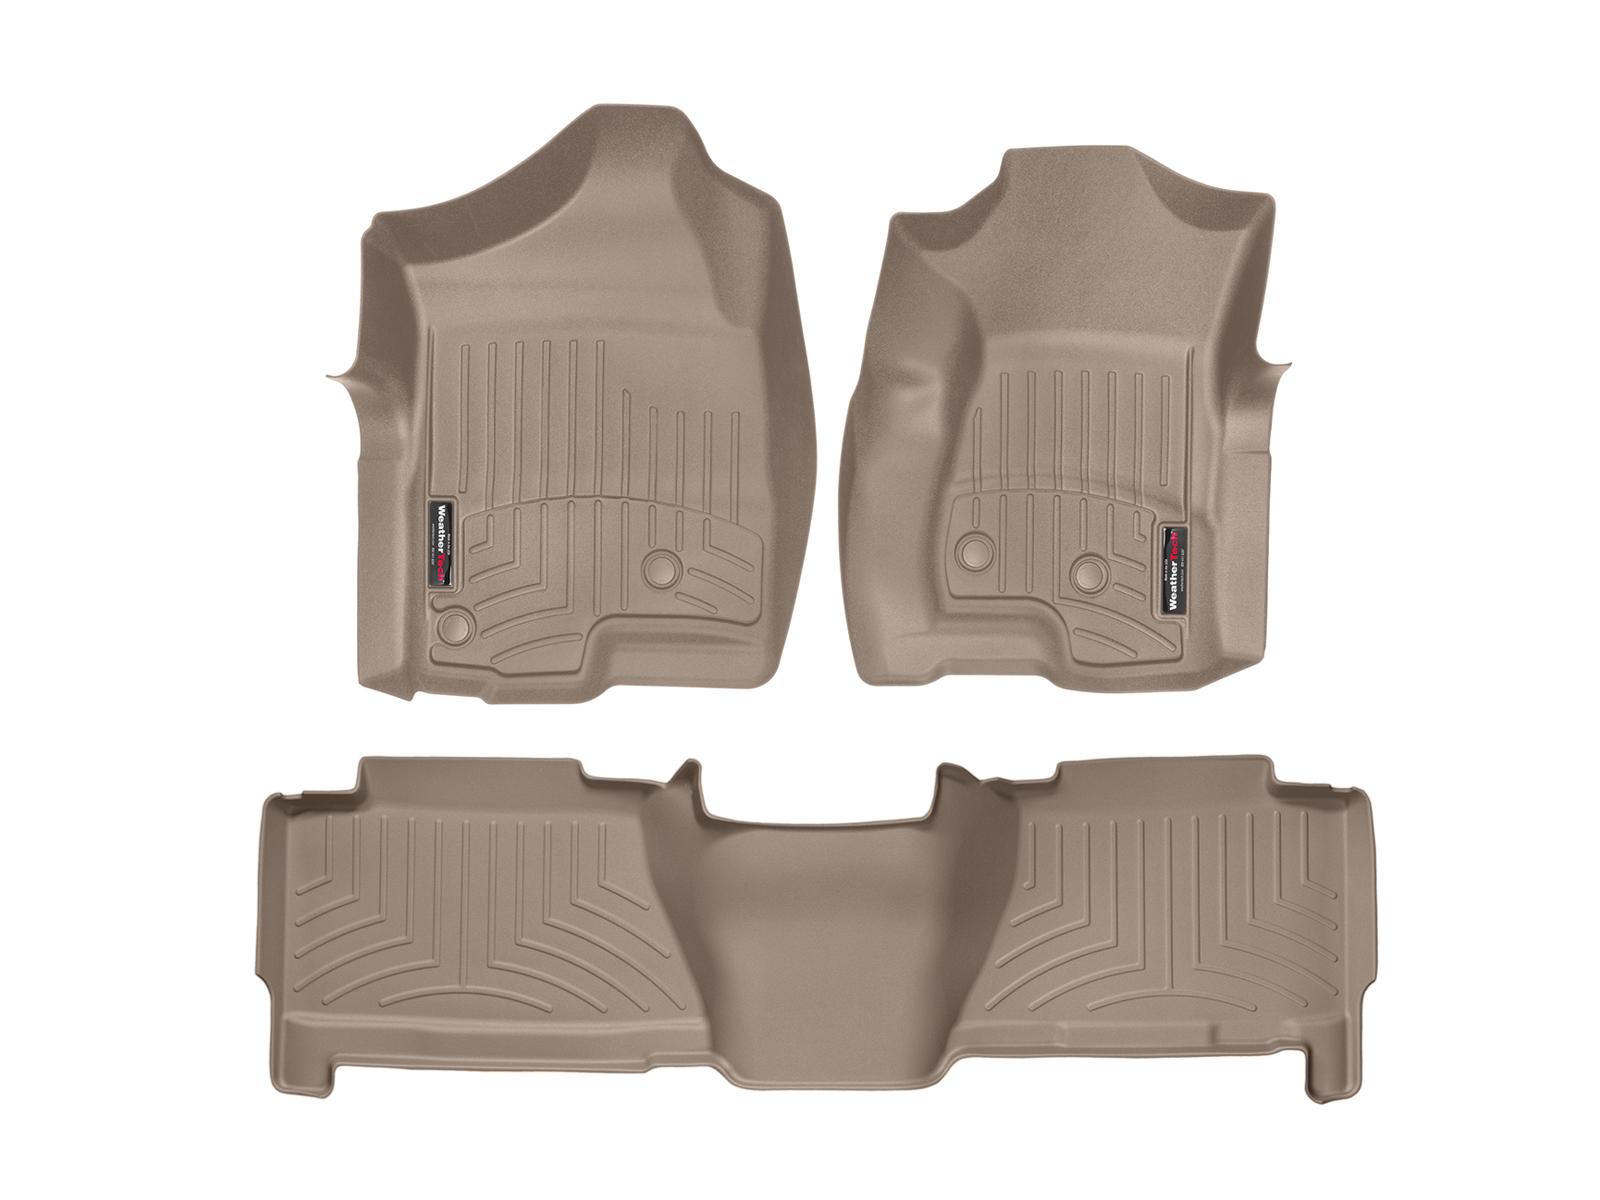 Tappeti gomma su misura bordo alto Chevrolet Silverado 01>06 Marrone A152